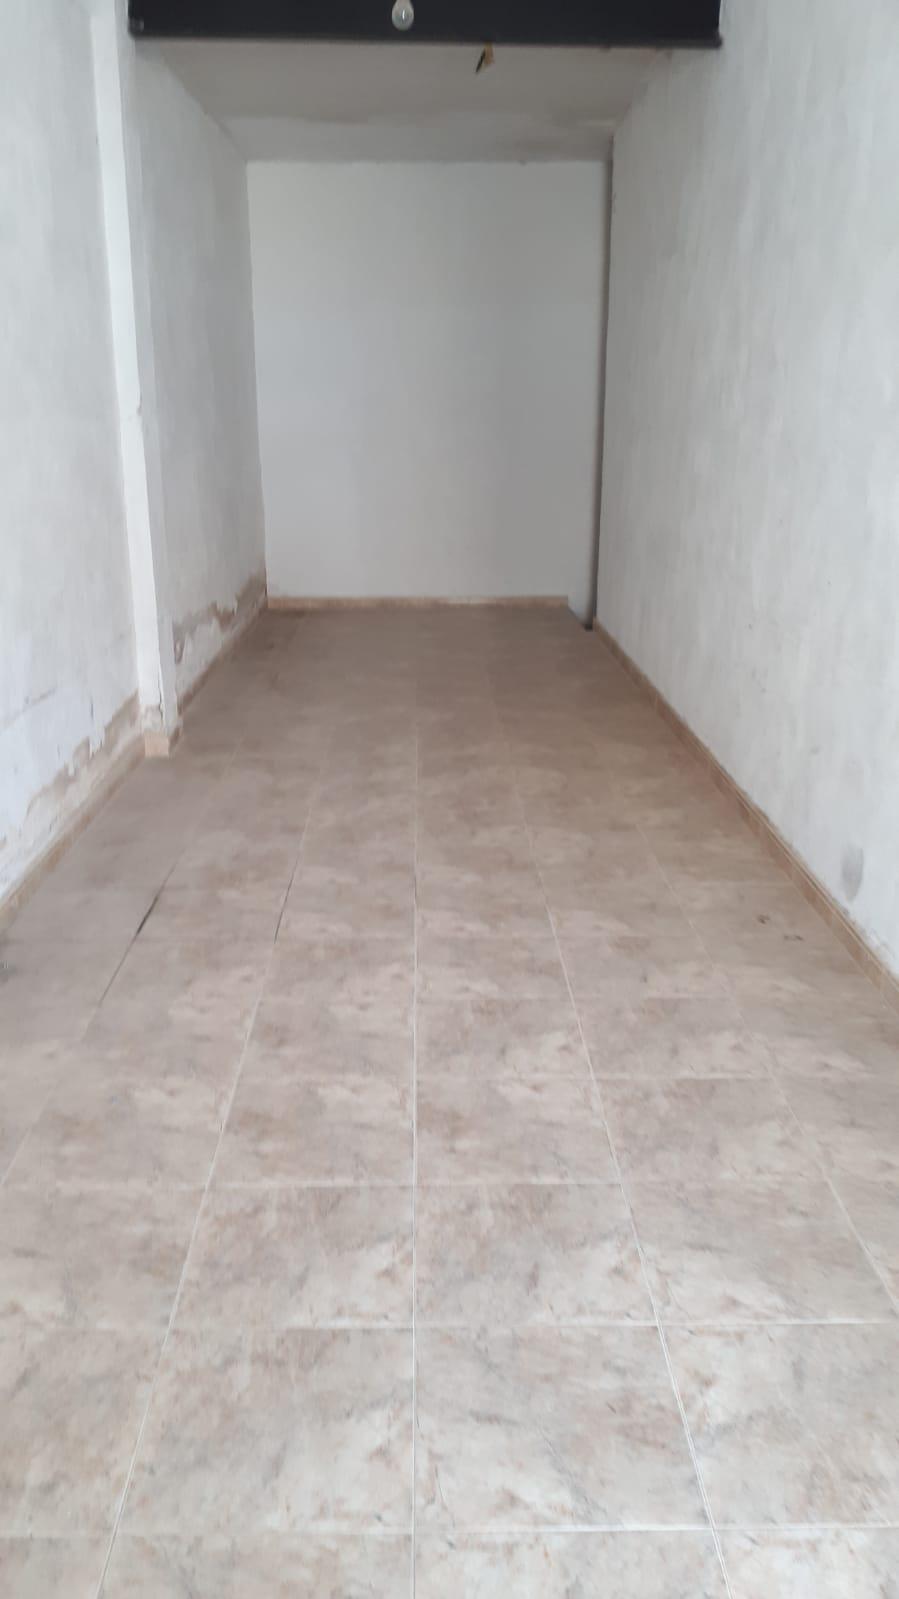 Piso en venta en Fuente Álamo de Murcia, Murcia, Avenida Príncipe de Asturias, 58.000 €, 4 habitaciones, 2 baños, 118 m2